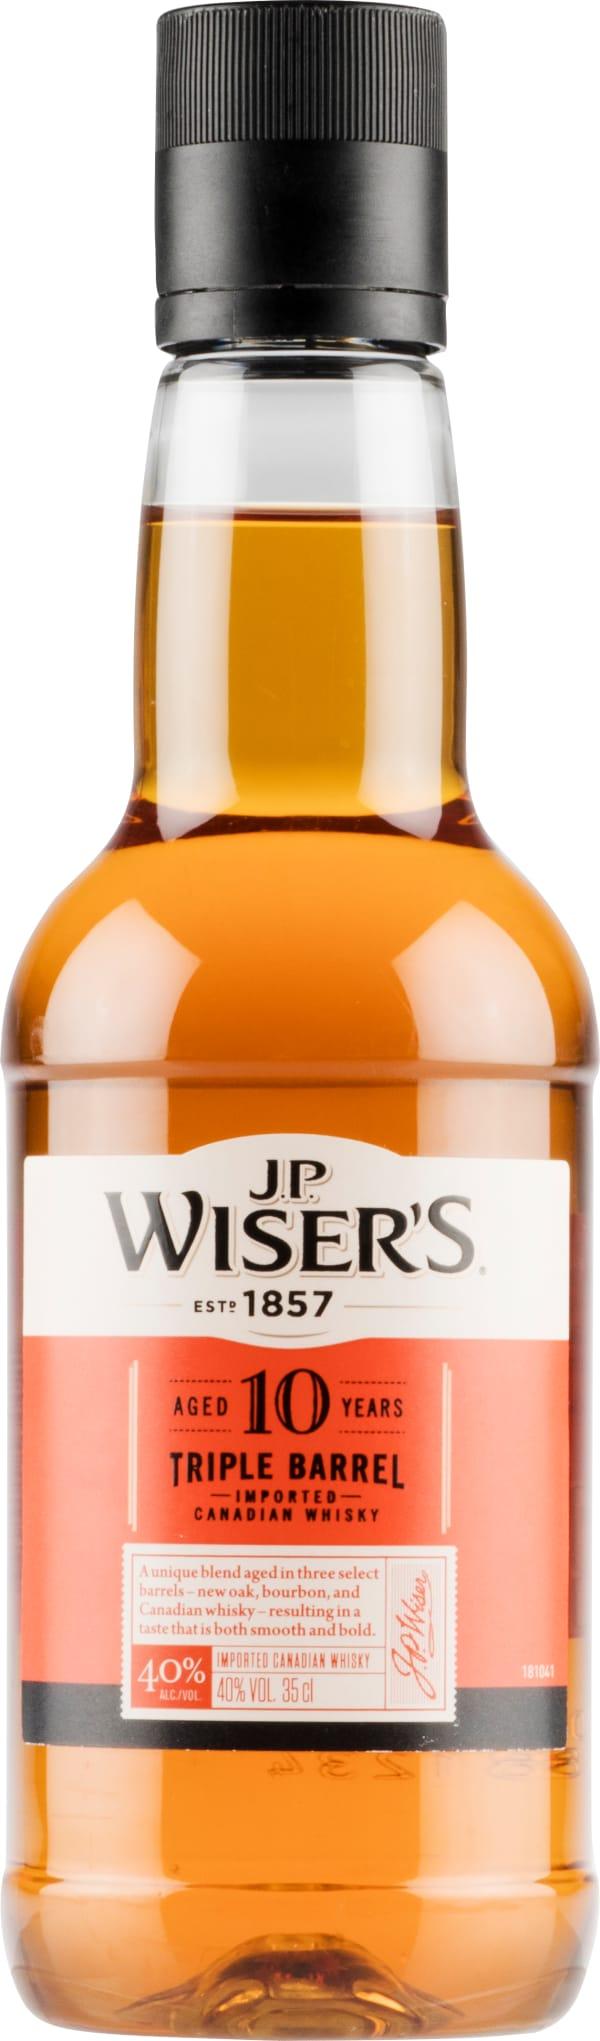 J.P. Wisers 10 Year Old Triple Barrel plastic bottle